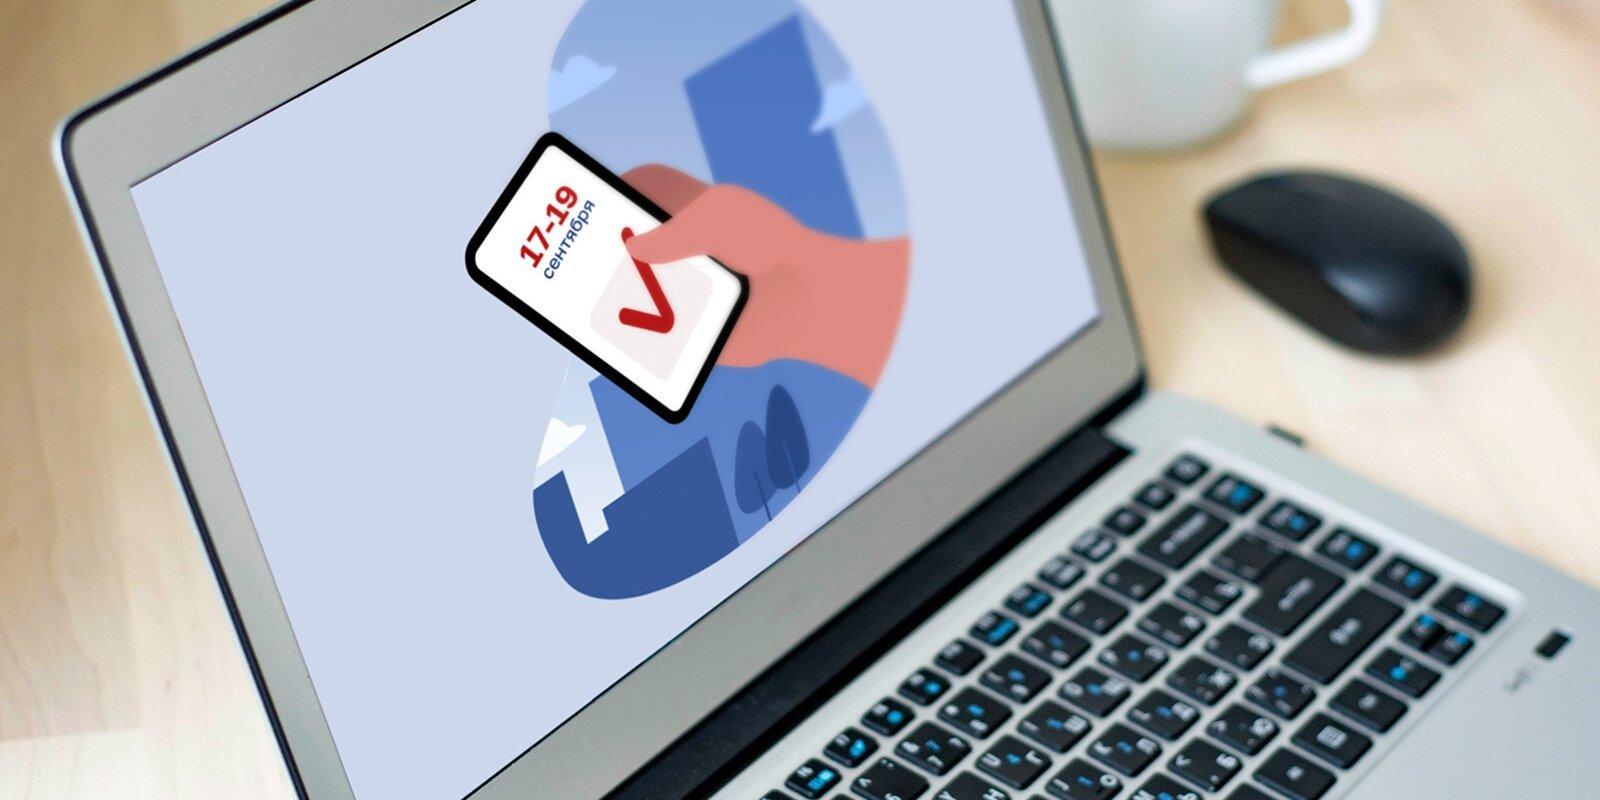 Сервис по поиску избирательного участка и округа открылся на портале mos.ru